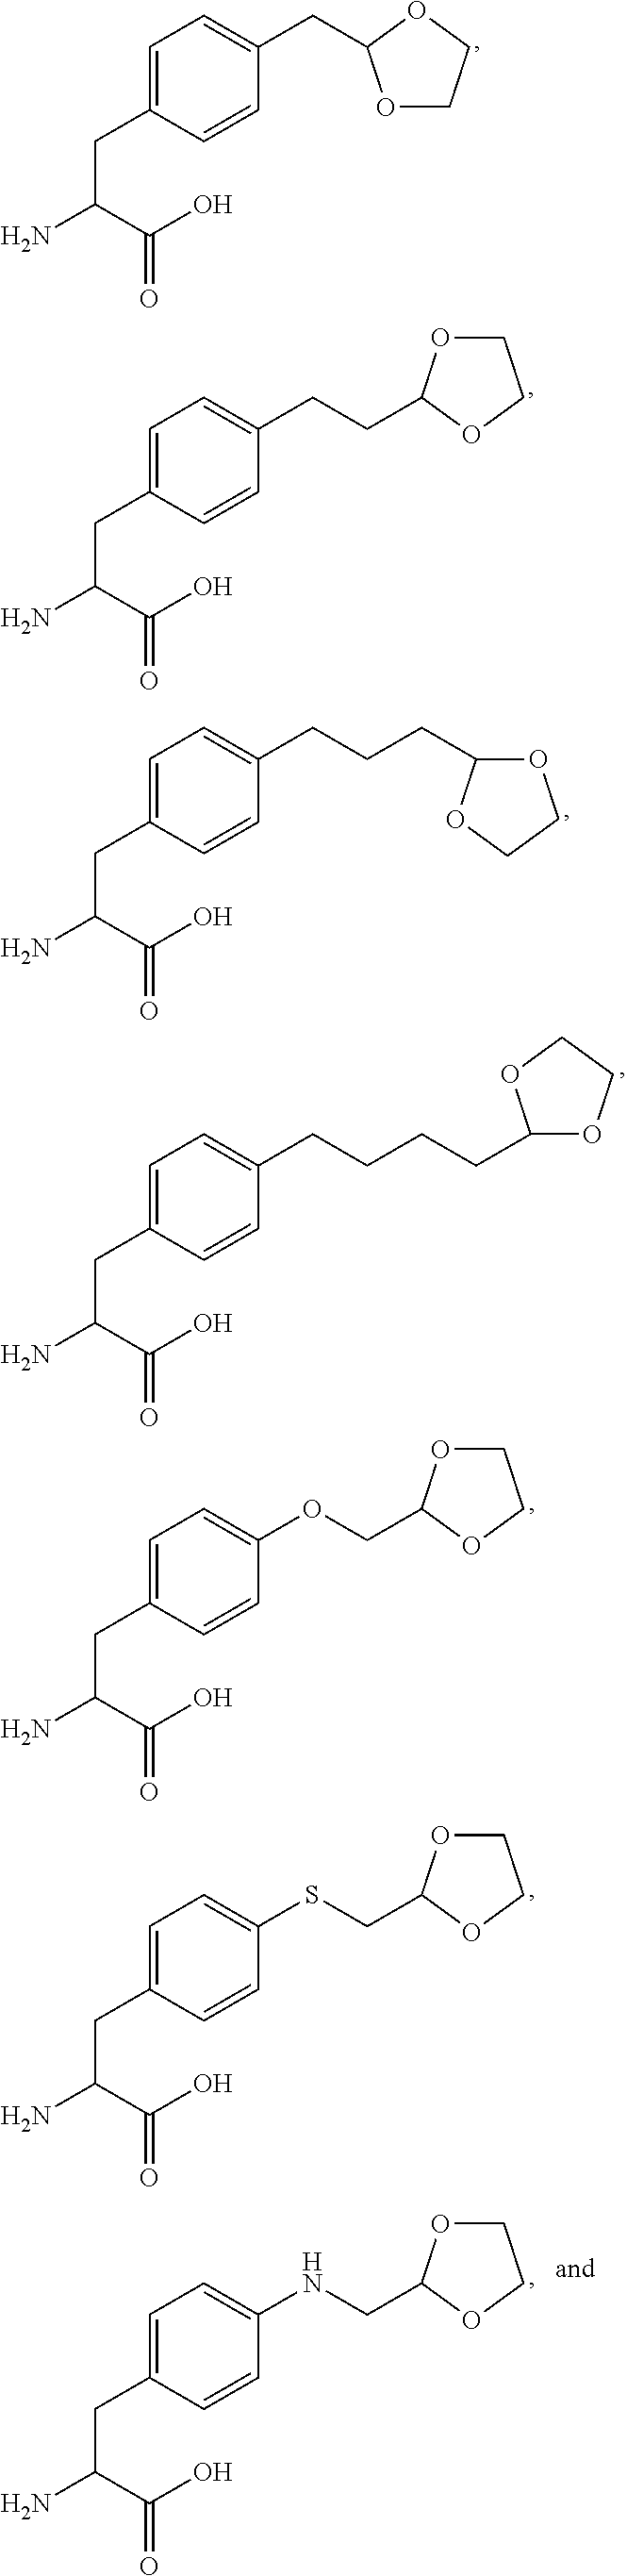 Figure US08383365-20130226-C00018